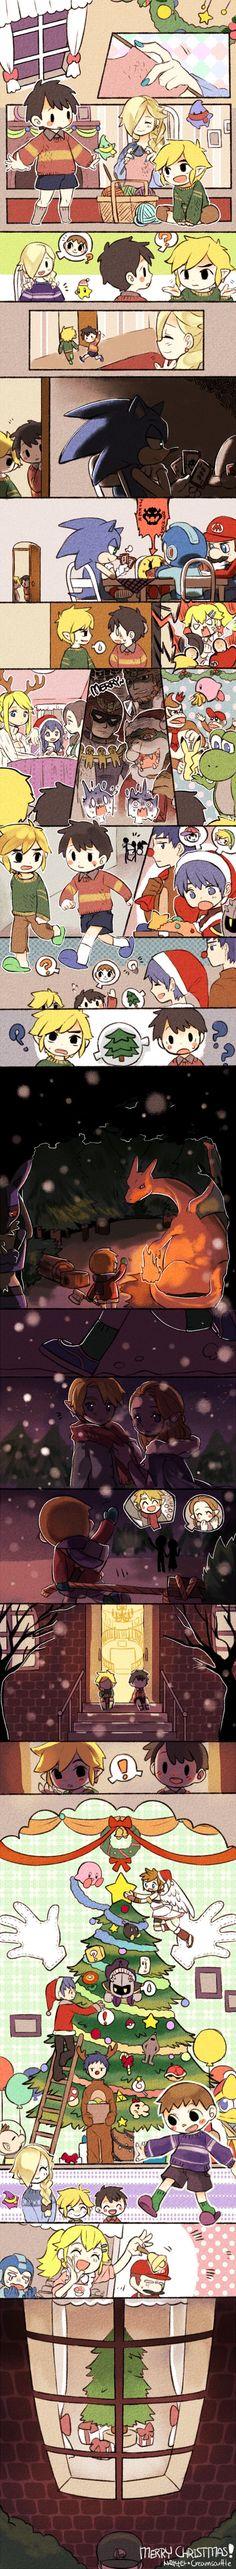 A Super smash Christmas